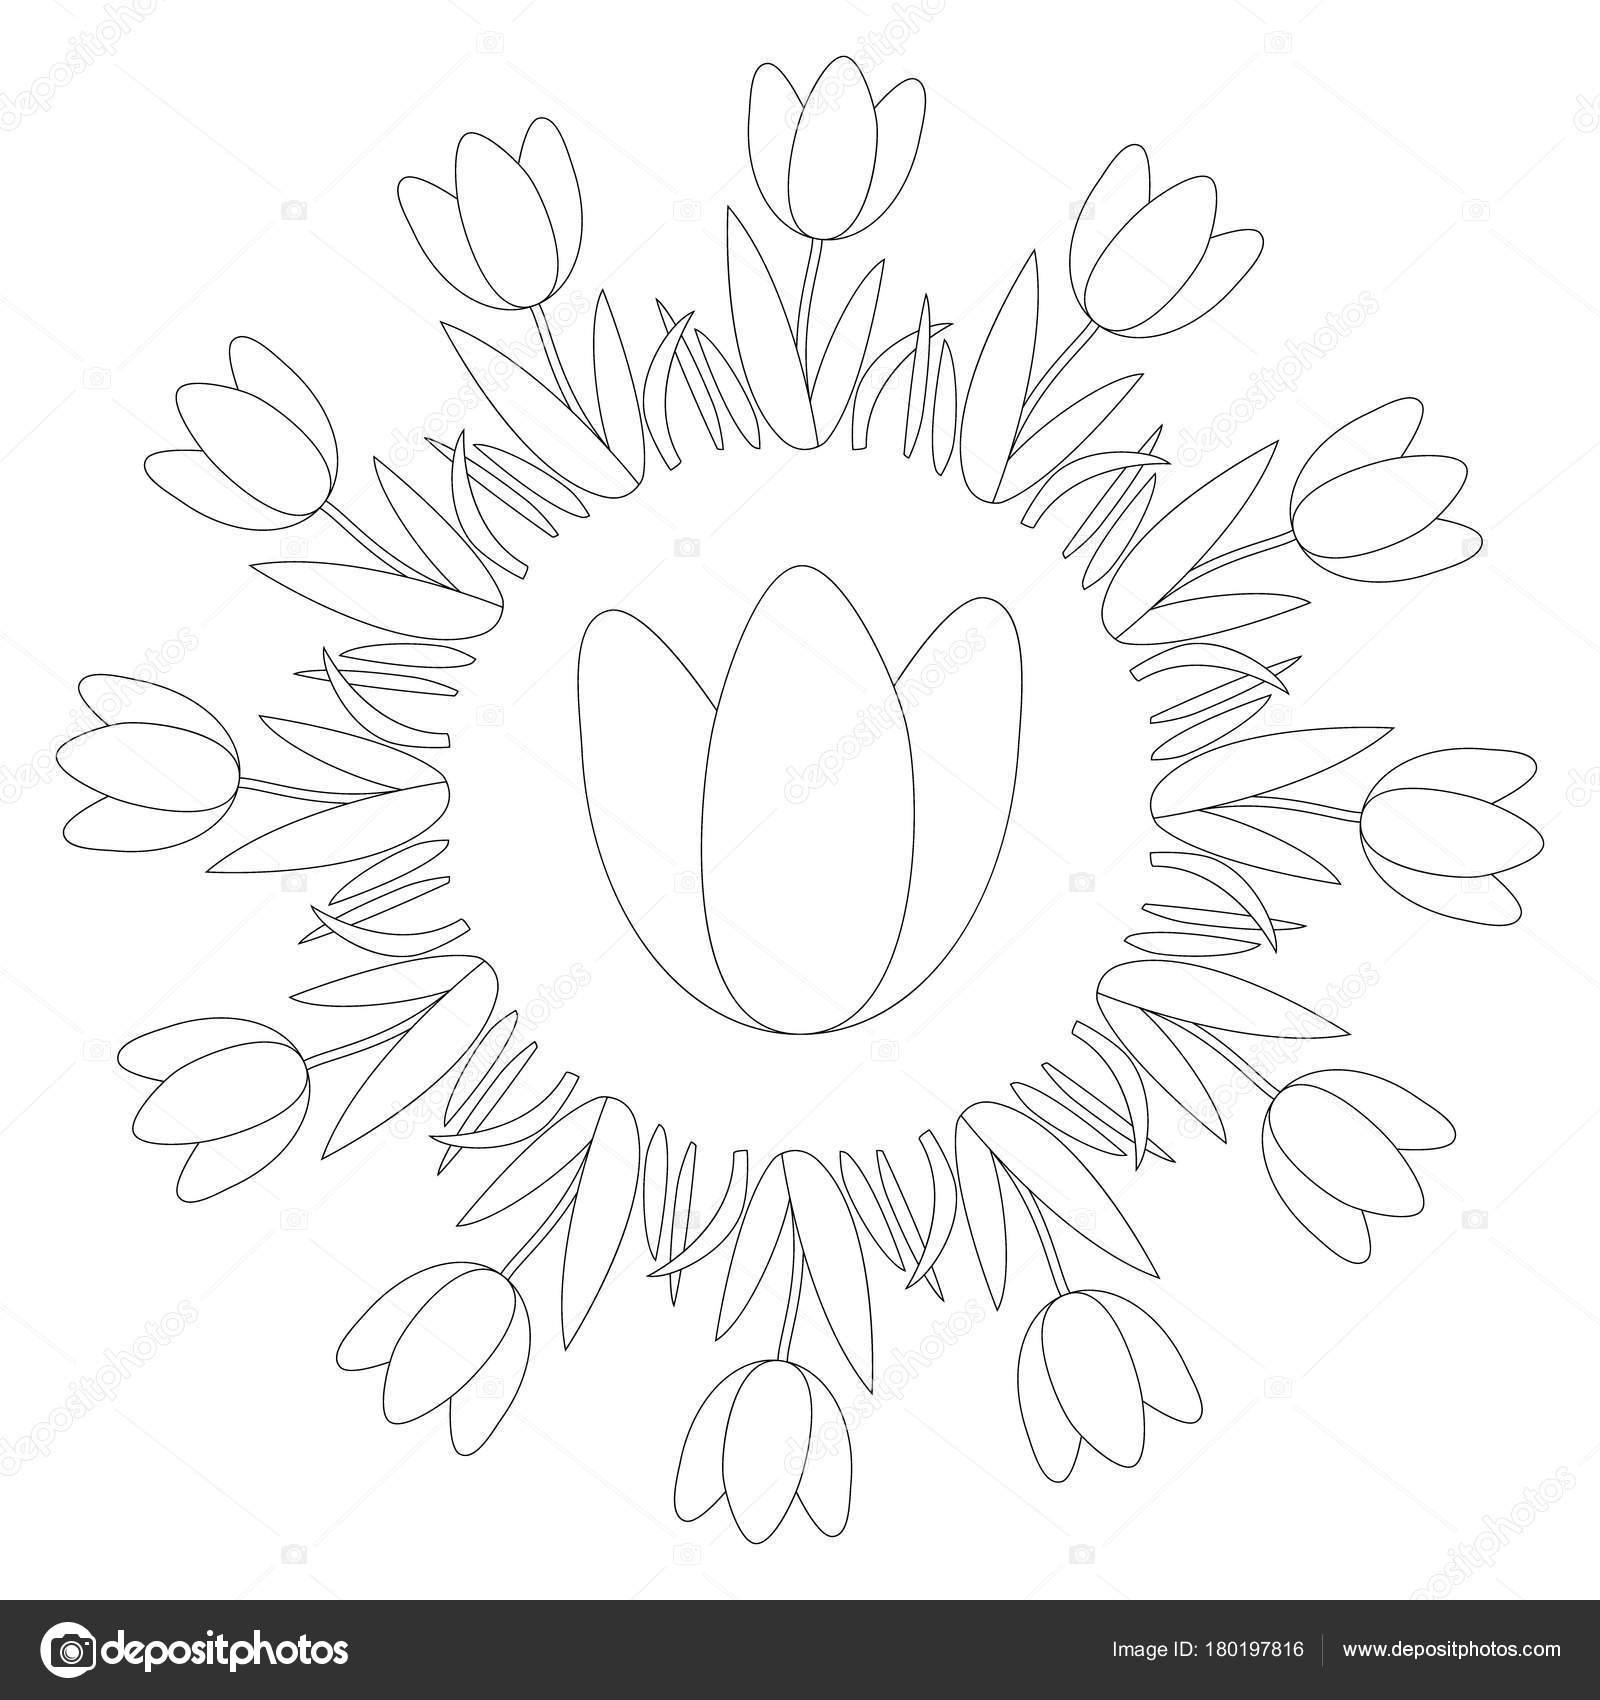 Vektor Schwarze Und Weiße Runde Runde Frühling Mandala Mit Blume